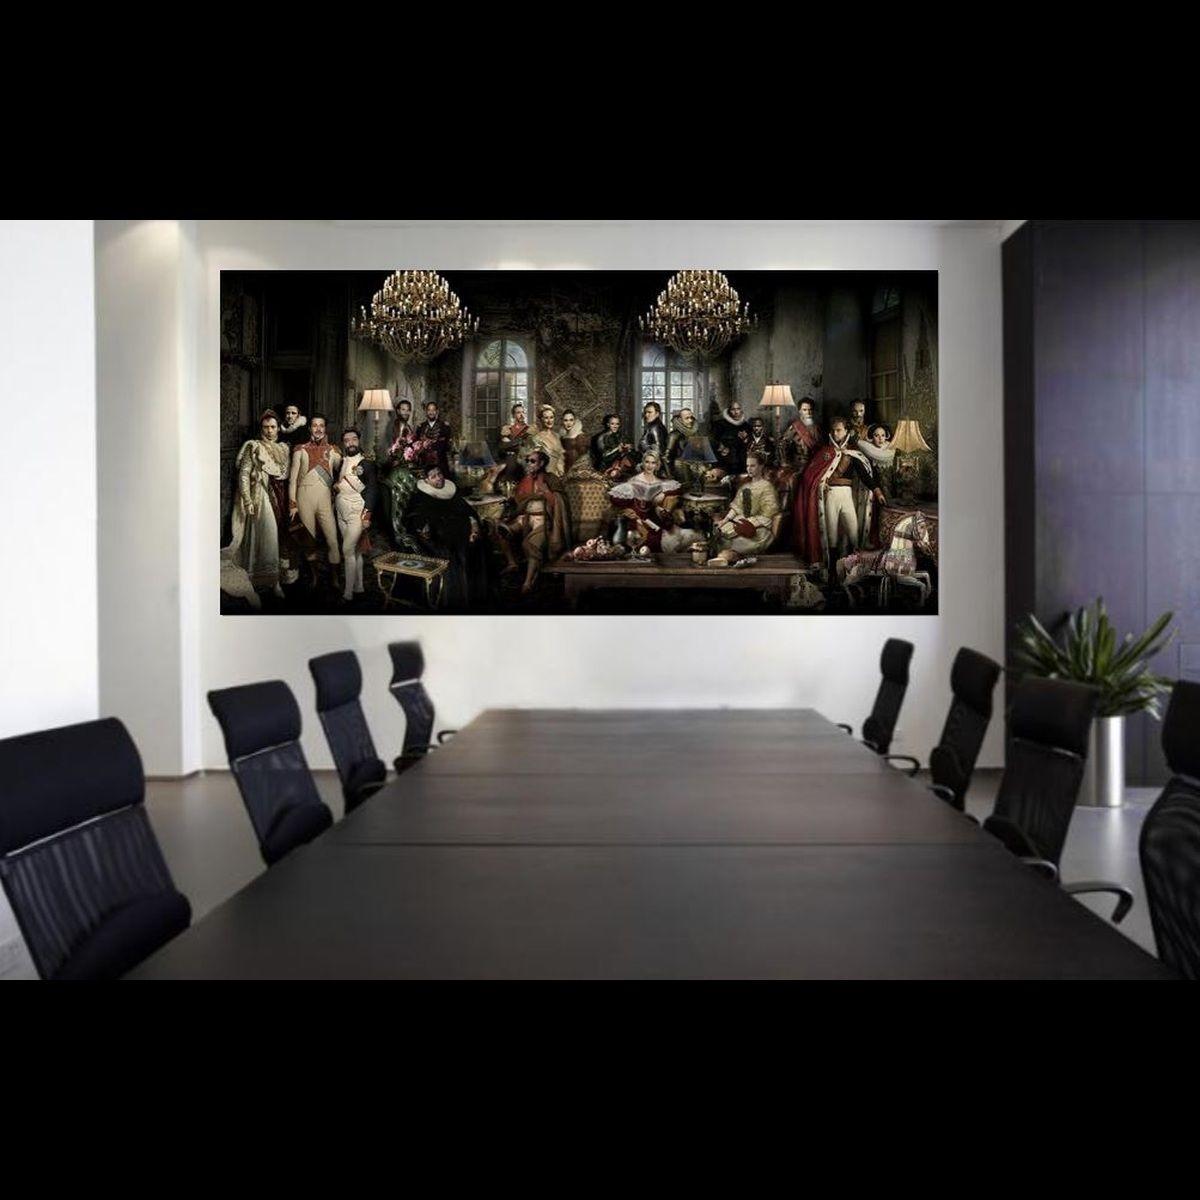 Stunning Large photographic 120x250cm Acrylic Art Hollywood Golden Age #hollywoodgoldenage